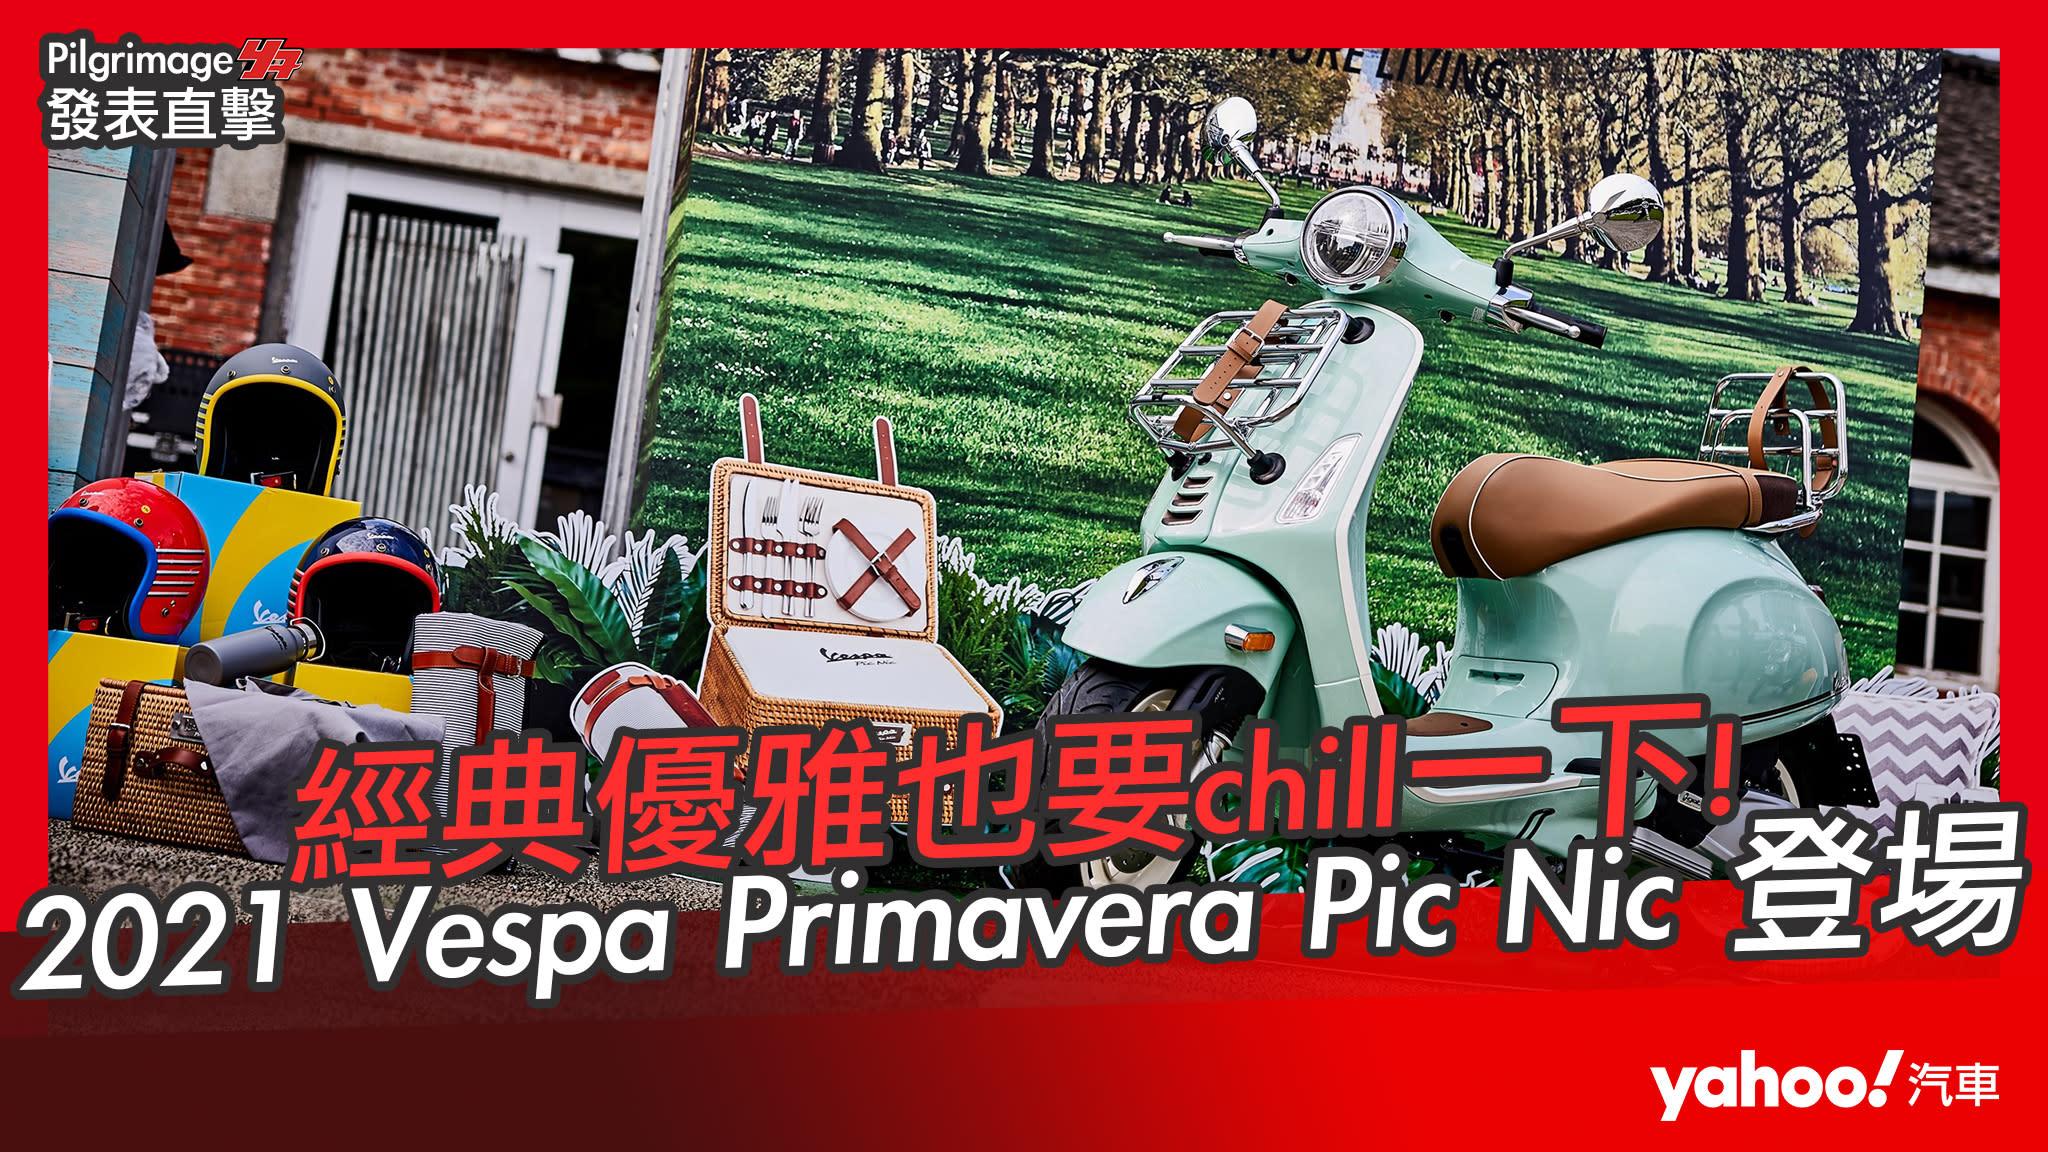 【發表直擊】經典優雅也要Chill一下!2021 Vespa Primavera Pic Nic特仕車型限量登場!